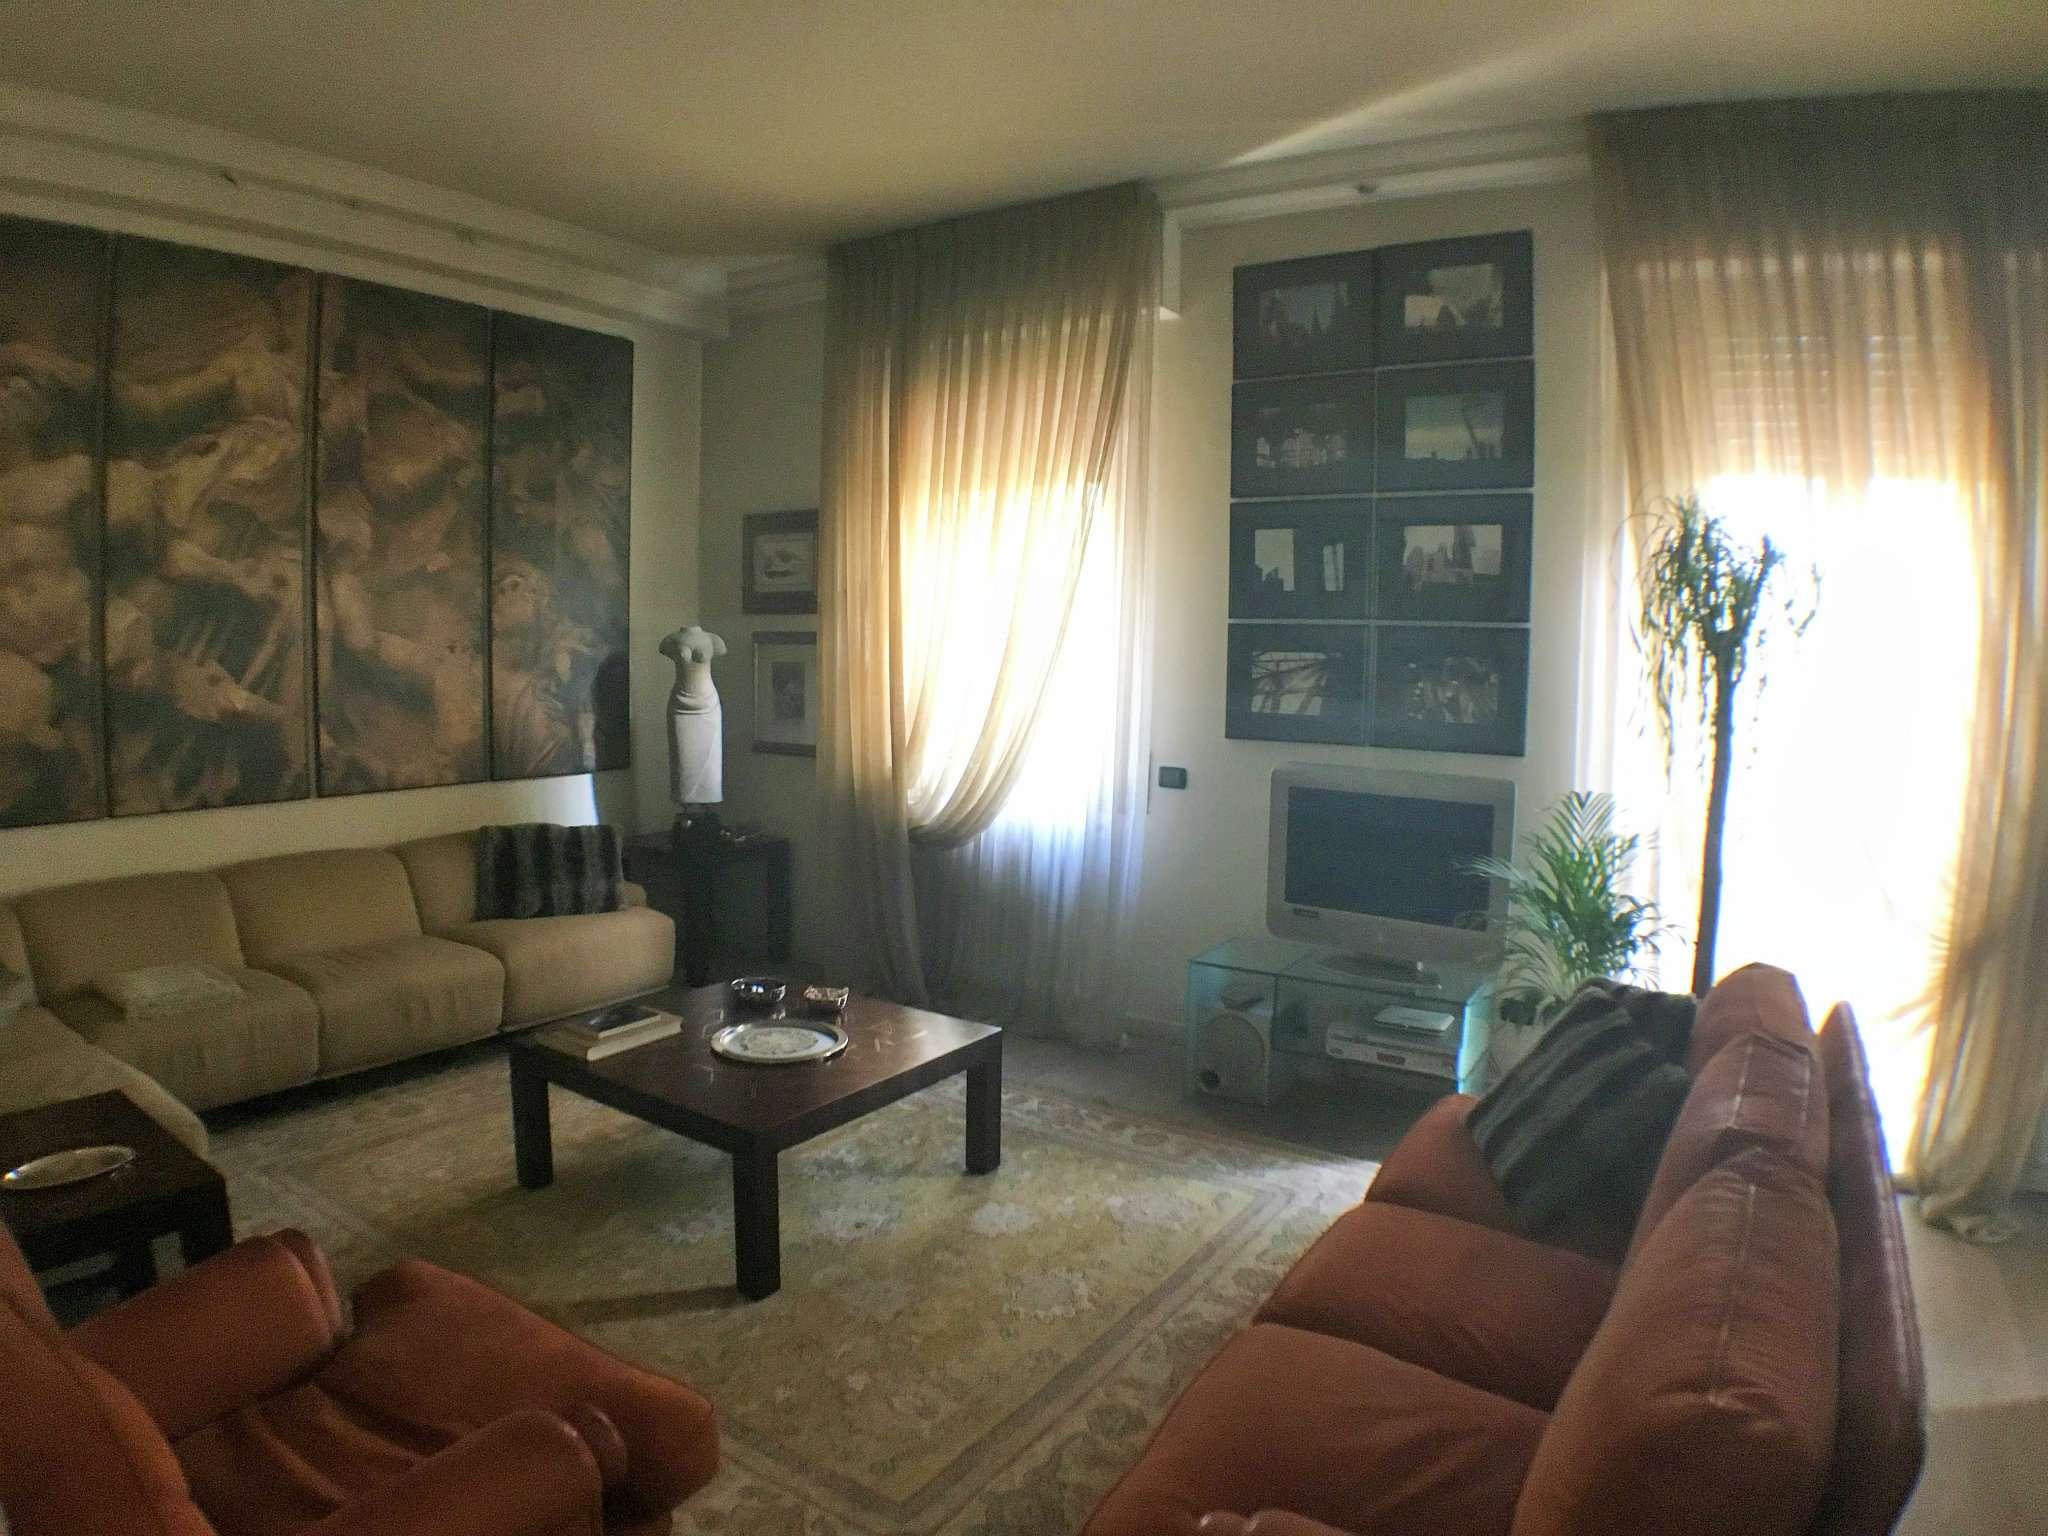 Villa in vendita a Milano, 10 locali, zona Zona: 18 . St. Garibaldi, Isola, Maciachini, Stelvio, Monumentale, prezzo € 1.200.000 | Cambio Casa.it